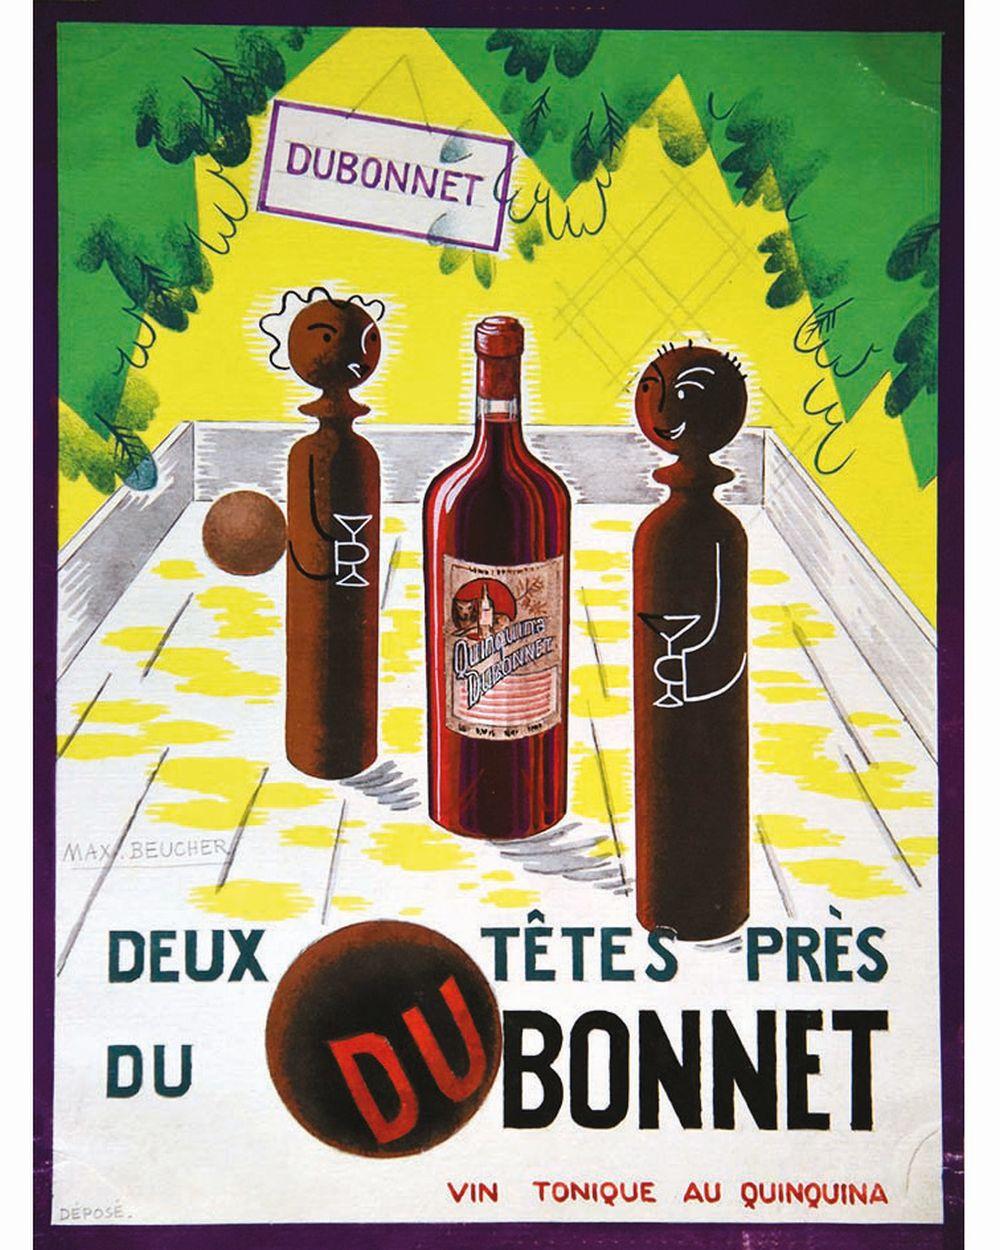 BEUCHER MAX - Dubonnet Deux Têtes près goauche de Max Beucher     vers 1960